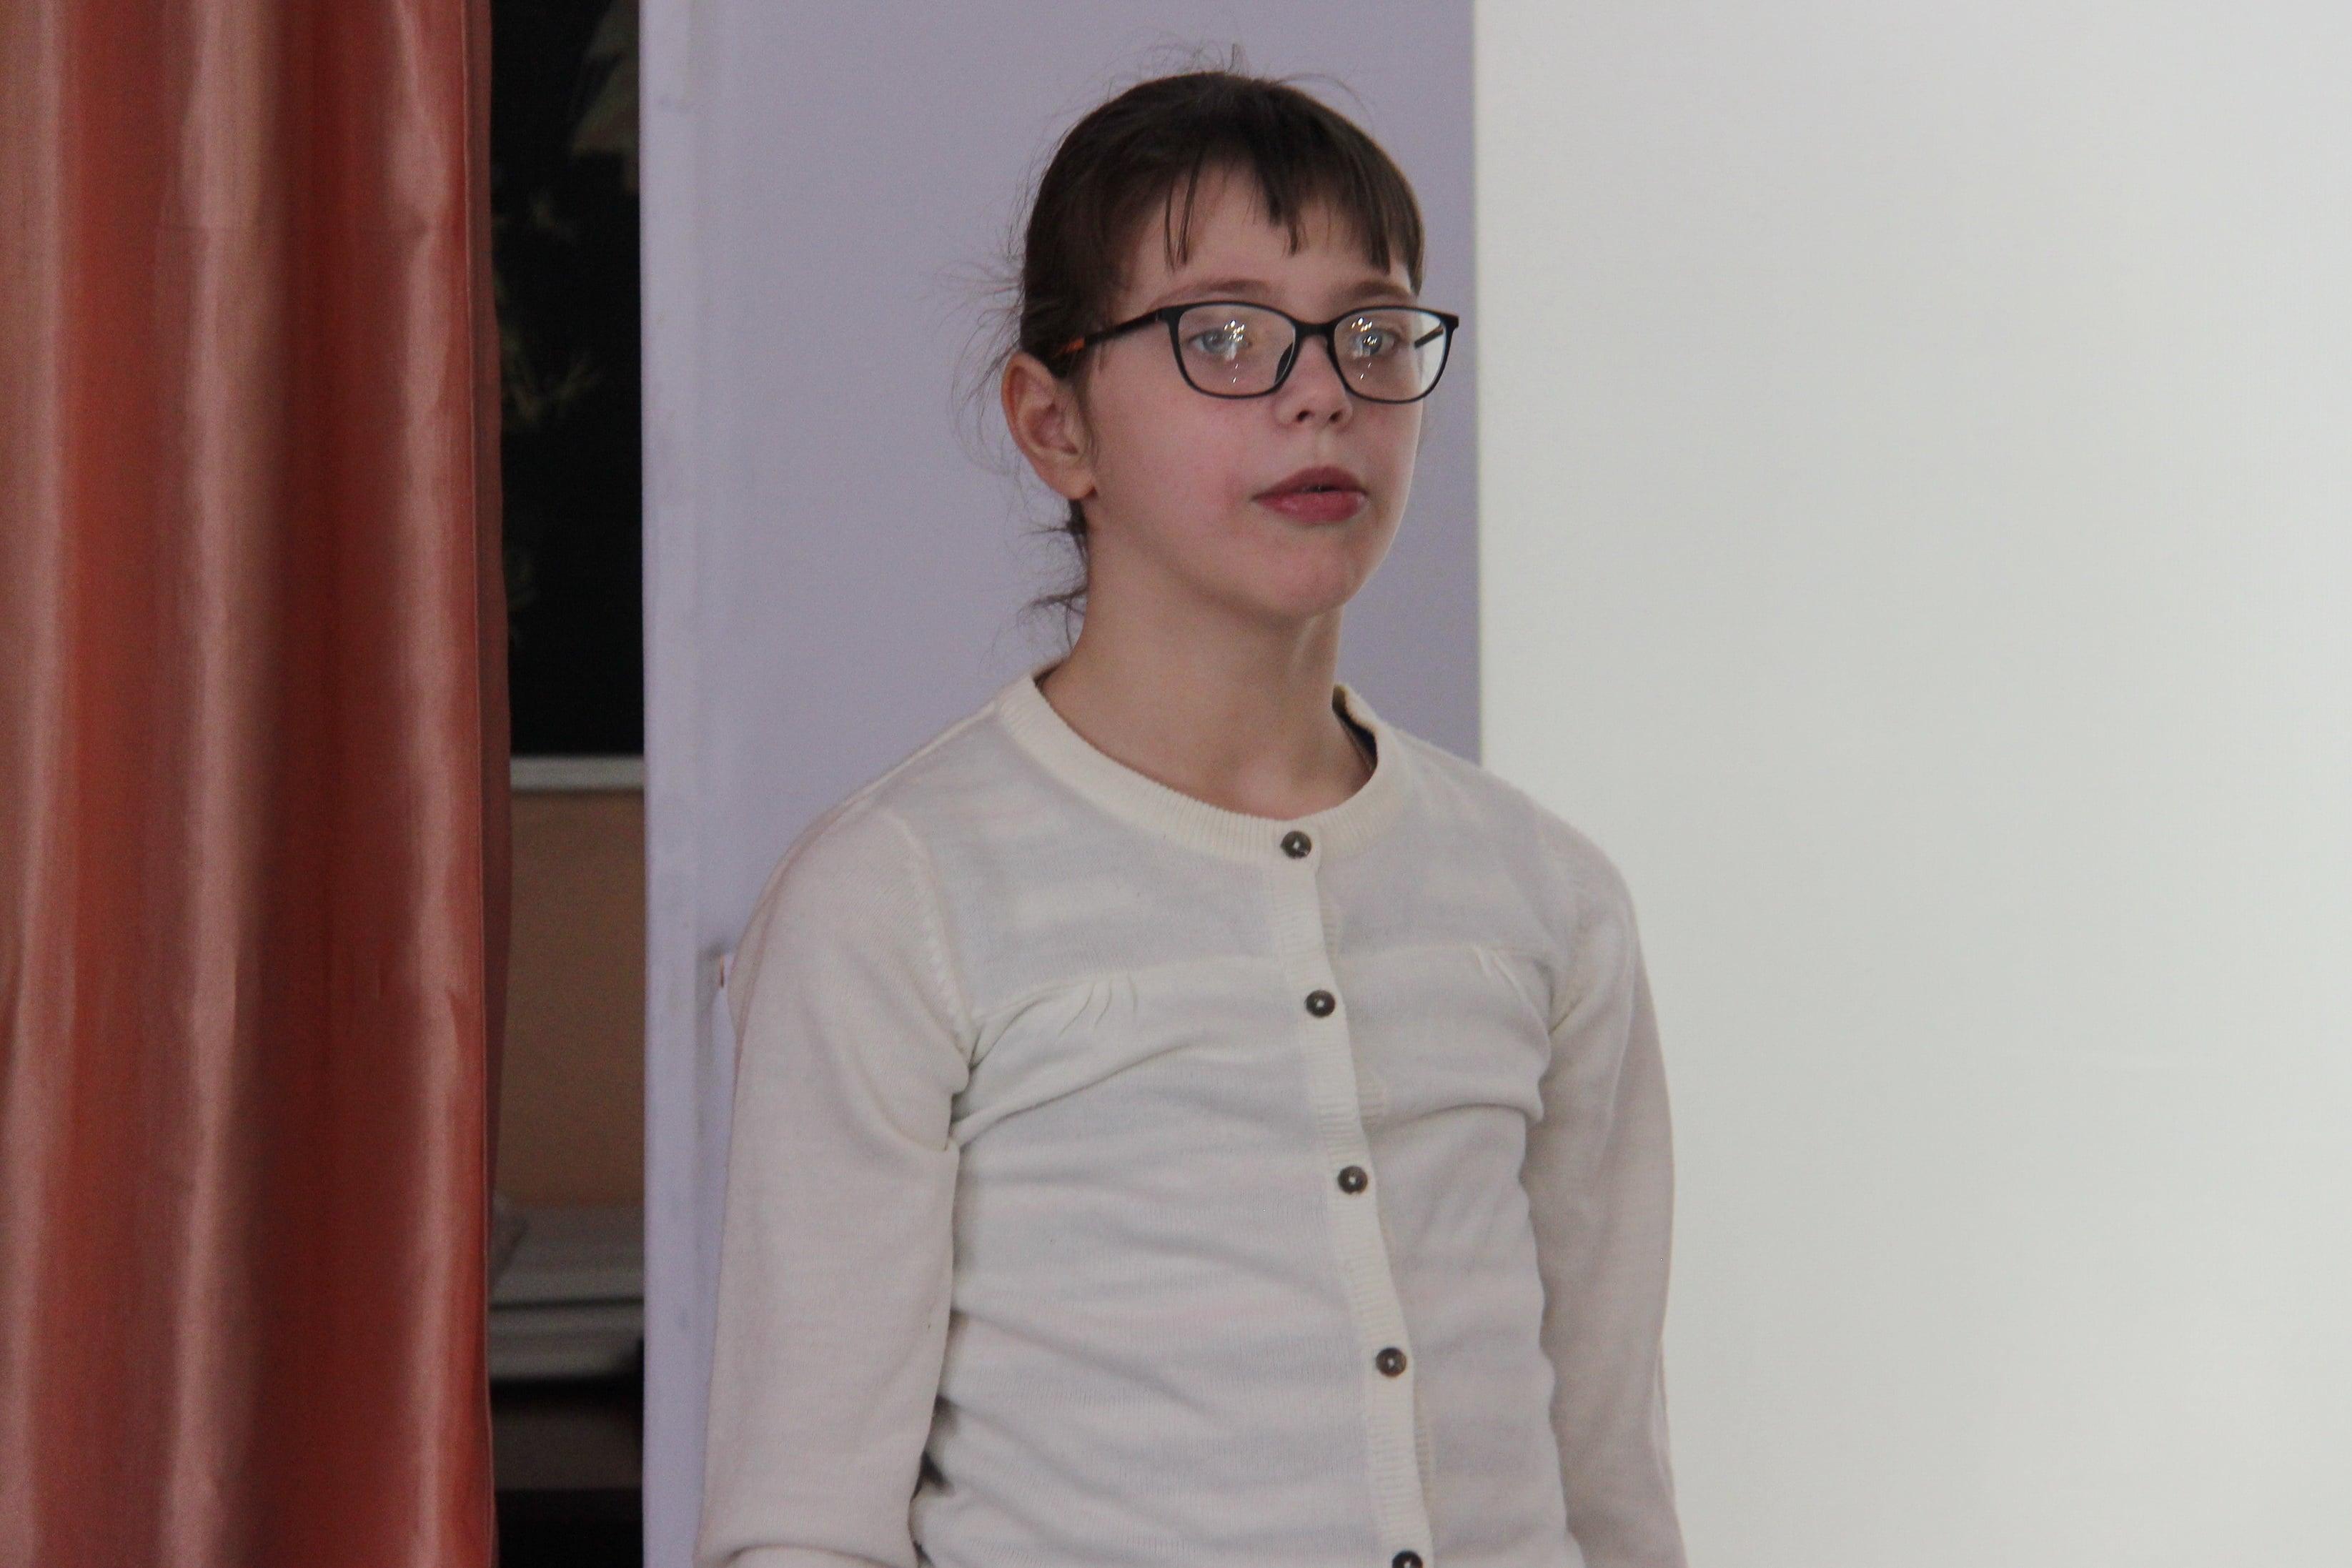 http://monuspen.ru/photoreports/c736a56d953caaa72b1b3075d0a59617.JPG